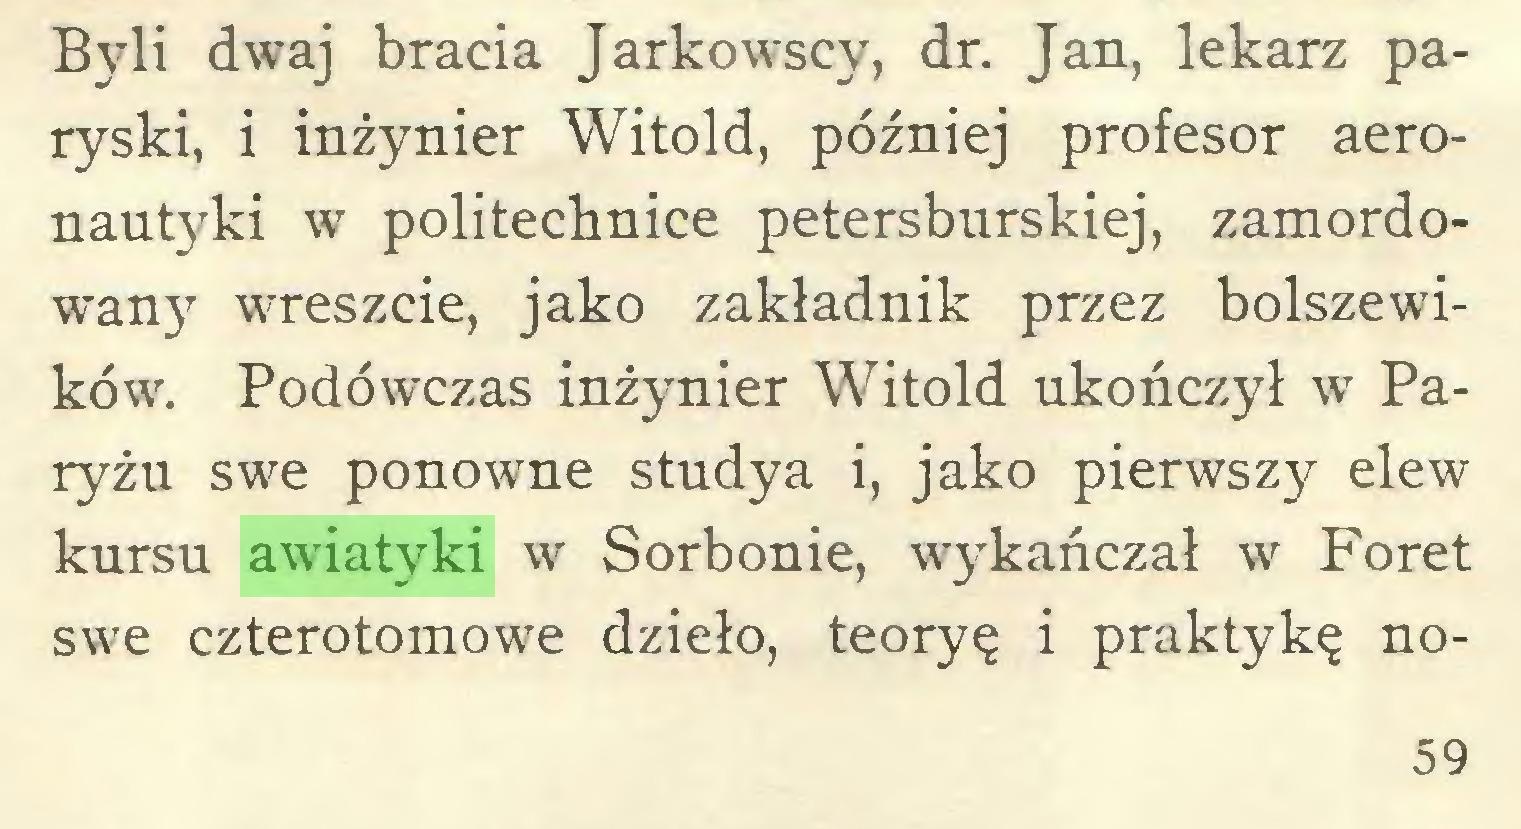 (...) Byli dwaj bracia Jarkowscy, dr. Jan, lekarz paryski, i inżynier Witold, później profesor aeronautyki w politechnice petersburskiej, zamordowany wreszcie, jako zakładnik przez bolszewików. Podówczas inżynier Witold ukończył w Paryżu swe ponowne studya i, jako pierwszy elew kursu awiatyki w Sorbonie, wykańczał w Foret swe czterotomowe dzieło, teoryę i praktykę no59...